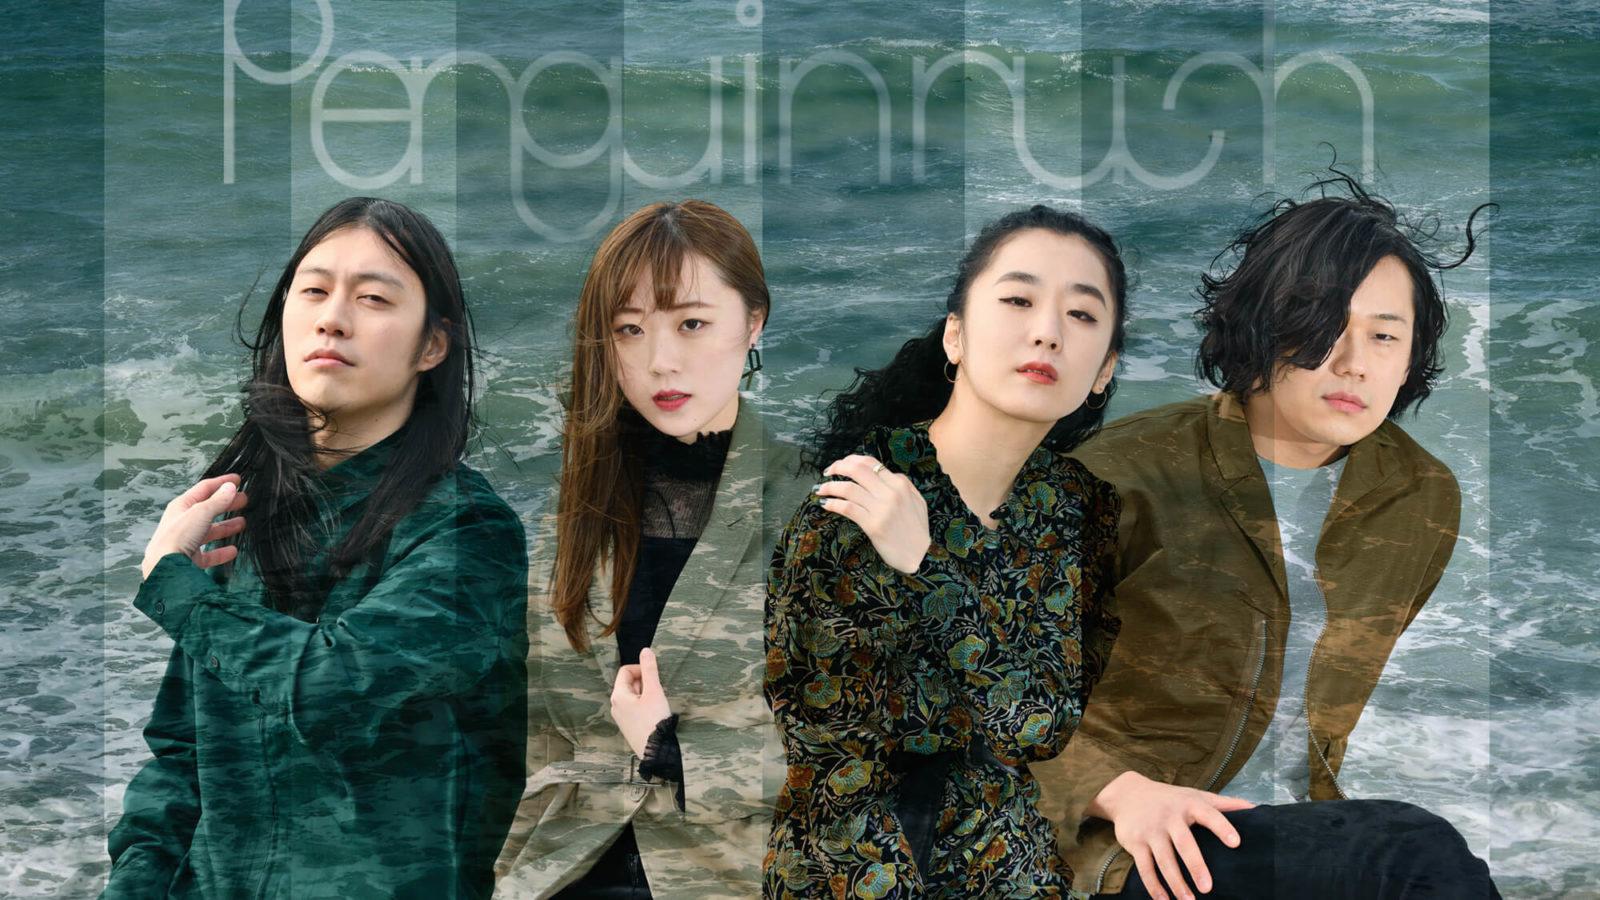 ペンギンラッシュ、3rdアルバム先行配信第3弾「高鳴り」配信スタートサムネイル画像